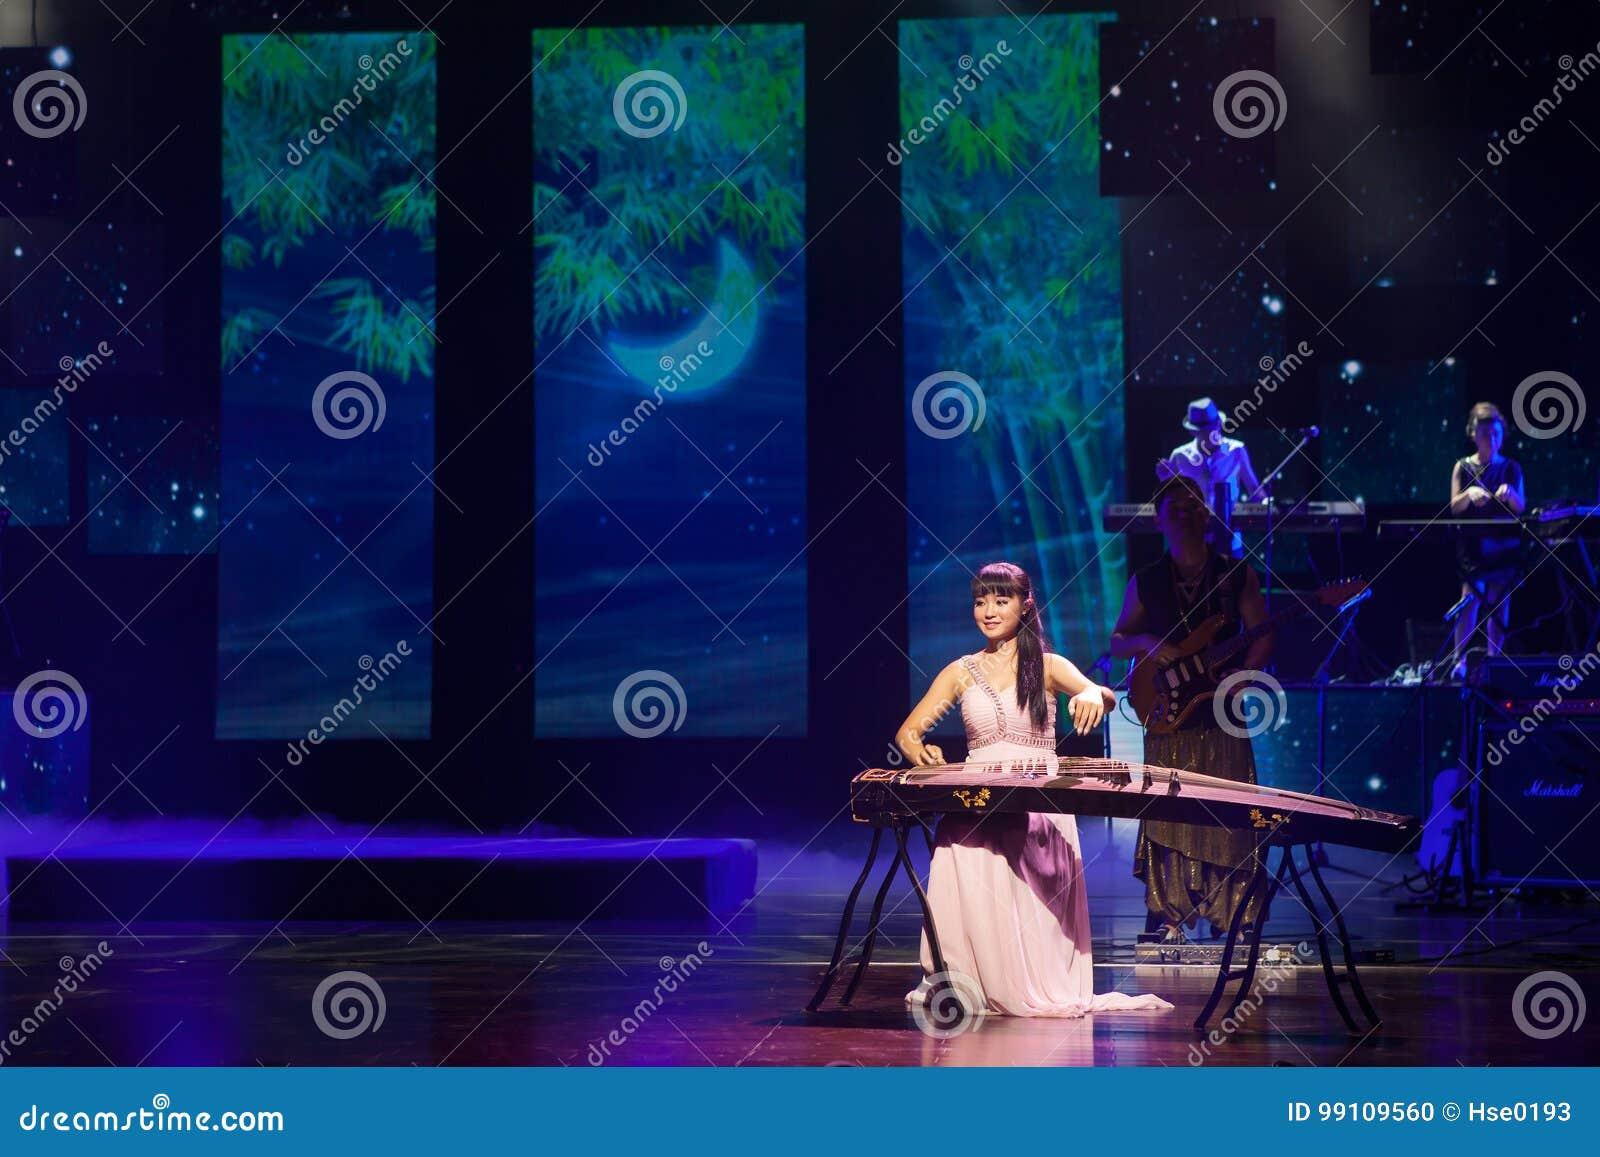 Chinese folk music performer playing Guzheng